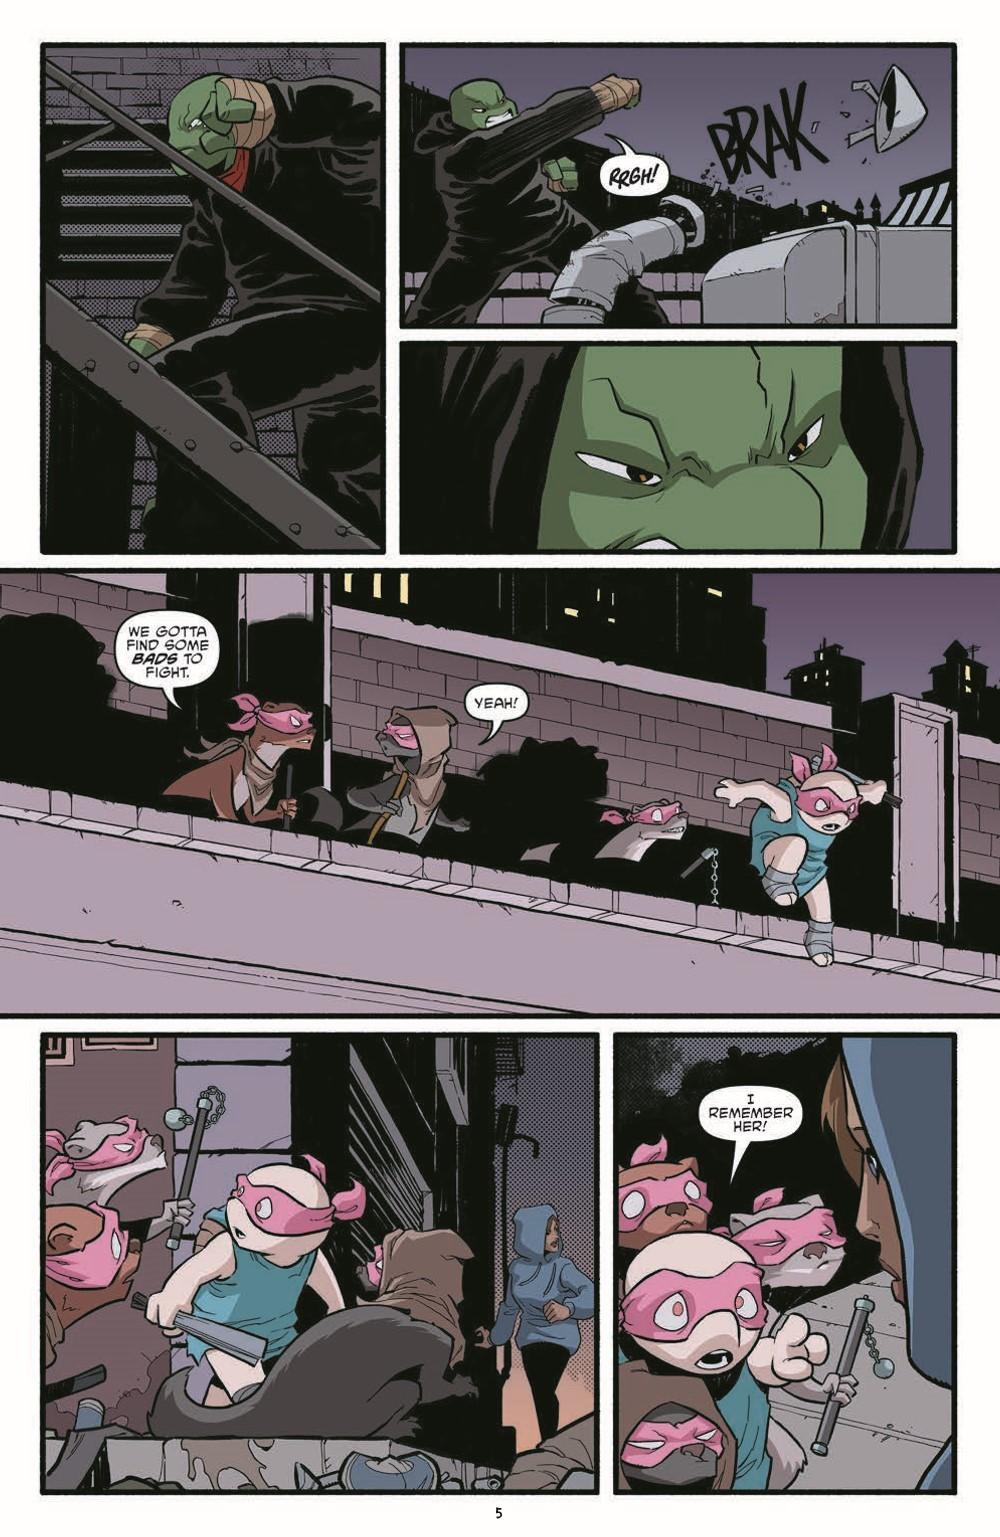 TMNT119_pr-7 ComicList Previews: TEENAGE MUTANT NINJA TURTLES #119